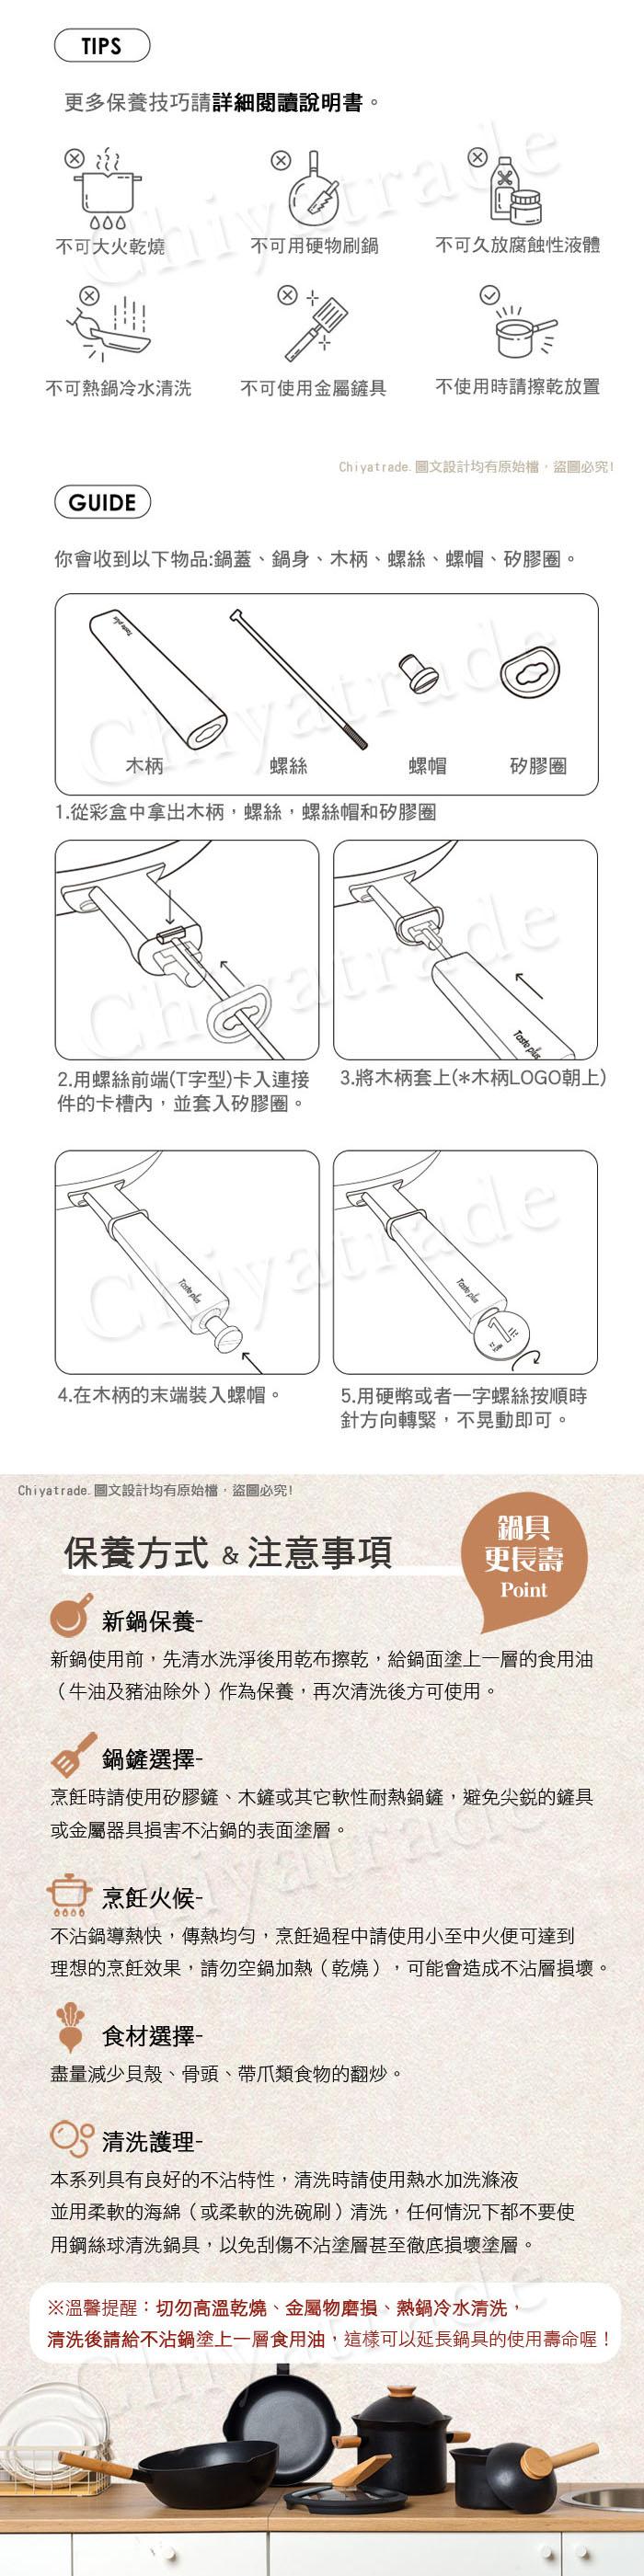 (複製)【Taste Plus】悅味元木 鑽石級內外不沾鍋 小湯鍋 泡麵鍋 牛奶鍋 18cm/2.4L(蓋變碗設計)